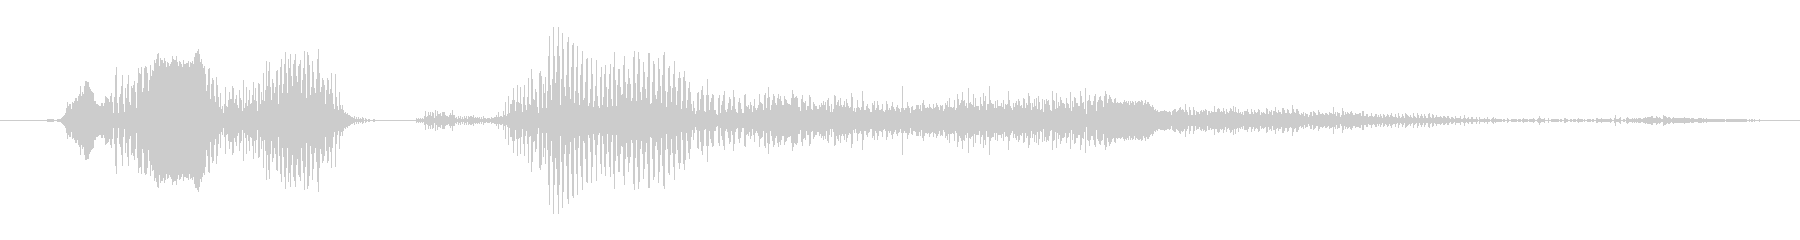 モンスター デススクリームハイ02の未再生の波形